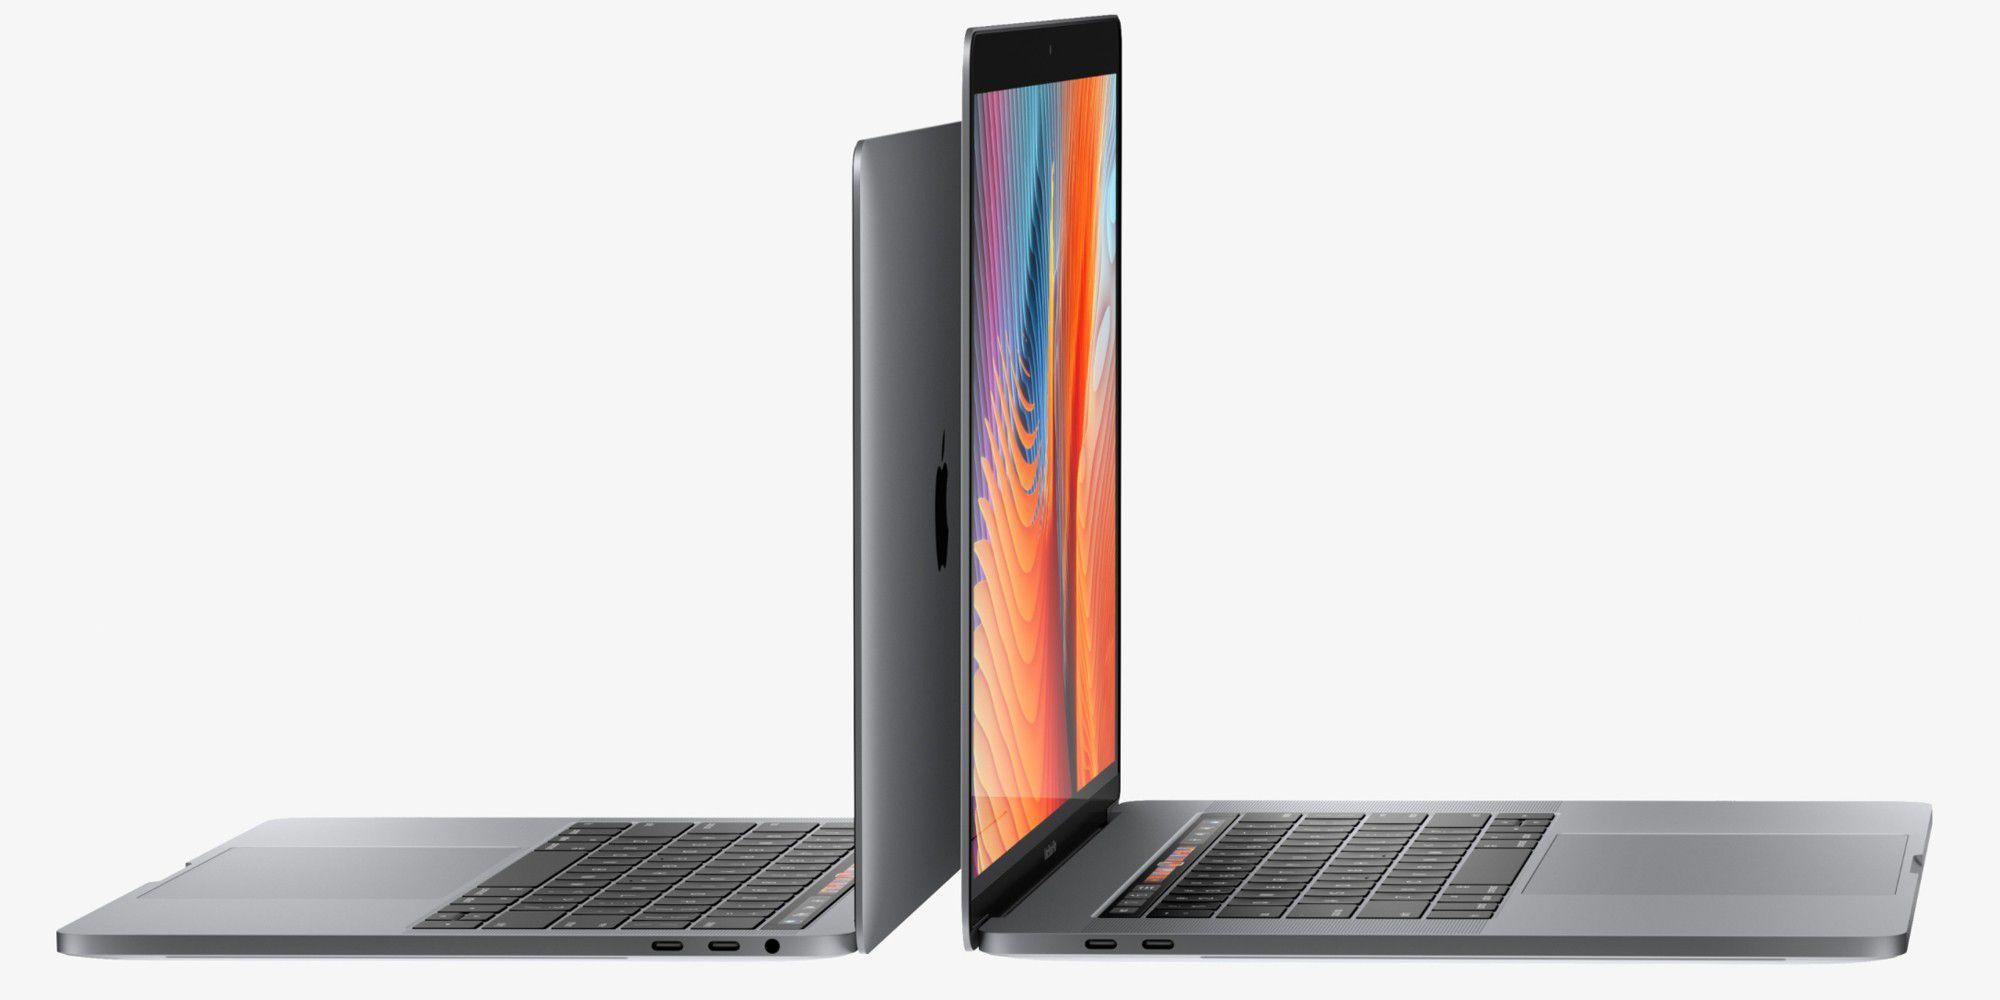 Macbook Pro: So verbinden Sie Ihre Geräte über Thunderbolt 3 - Macwelt